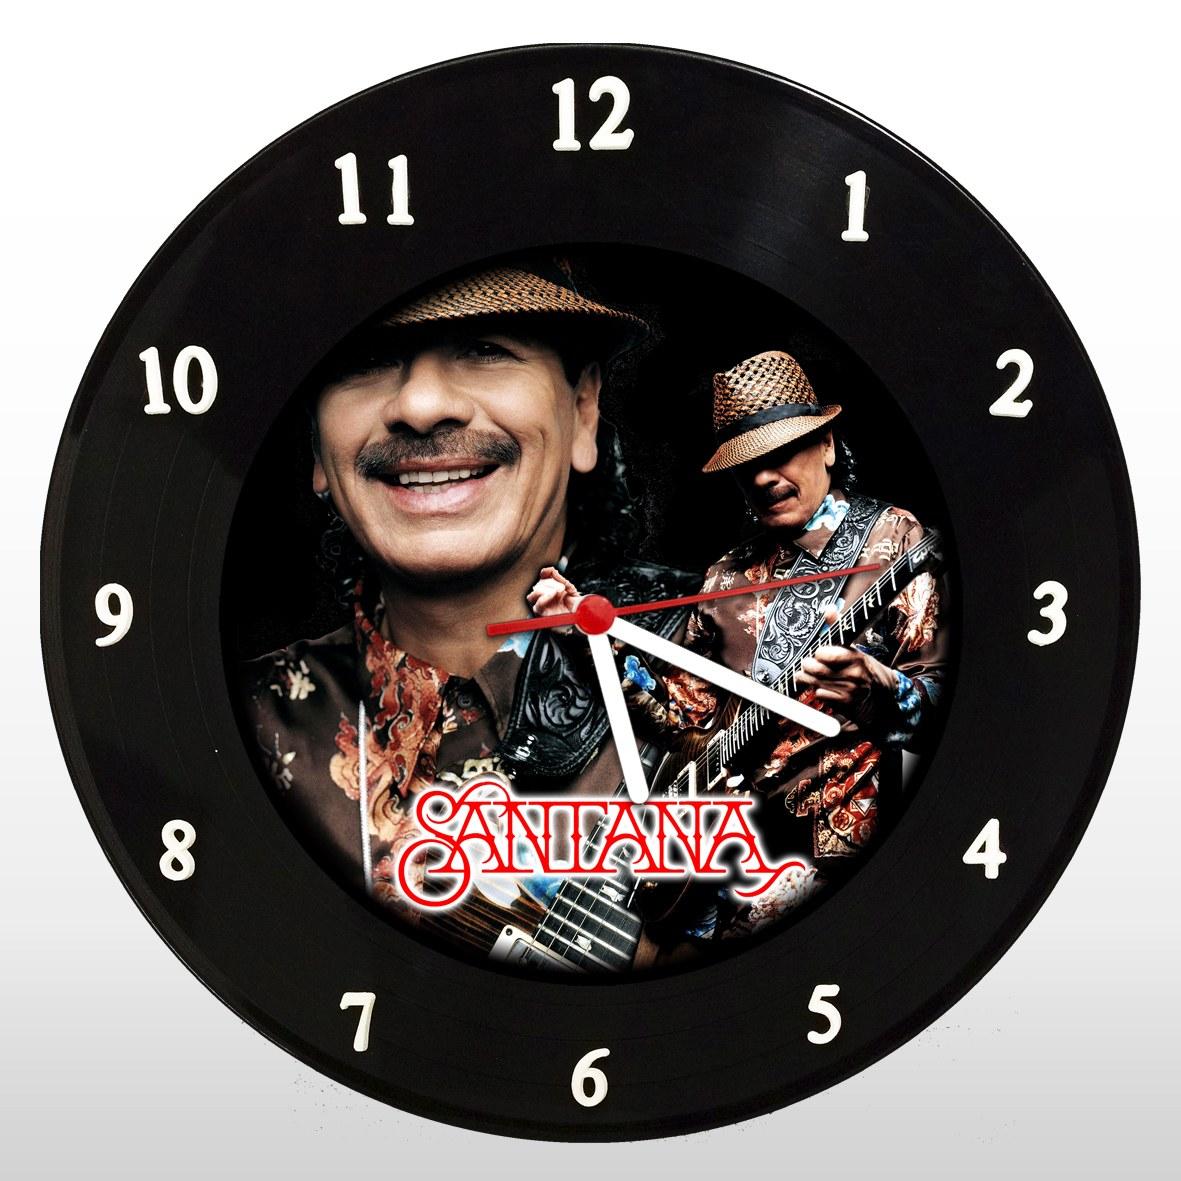 Carlos Santana - Relógio de Parede em Disco de Vinil - Mr. Rock